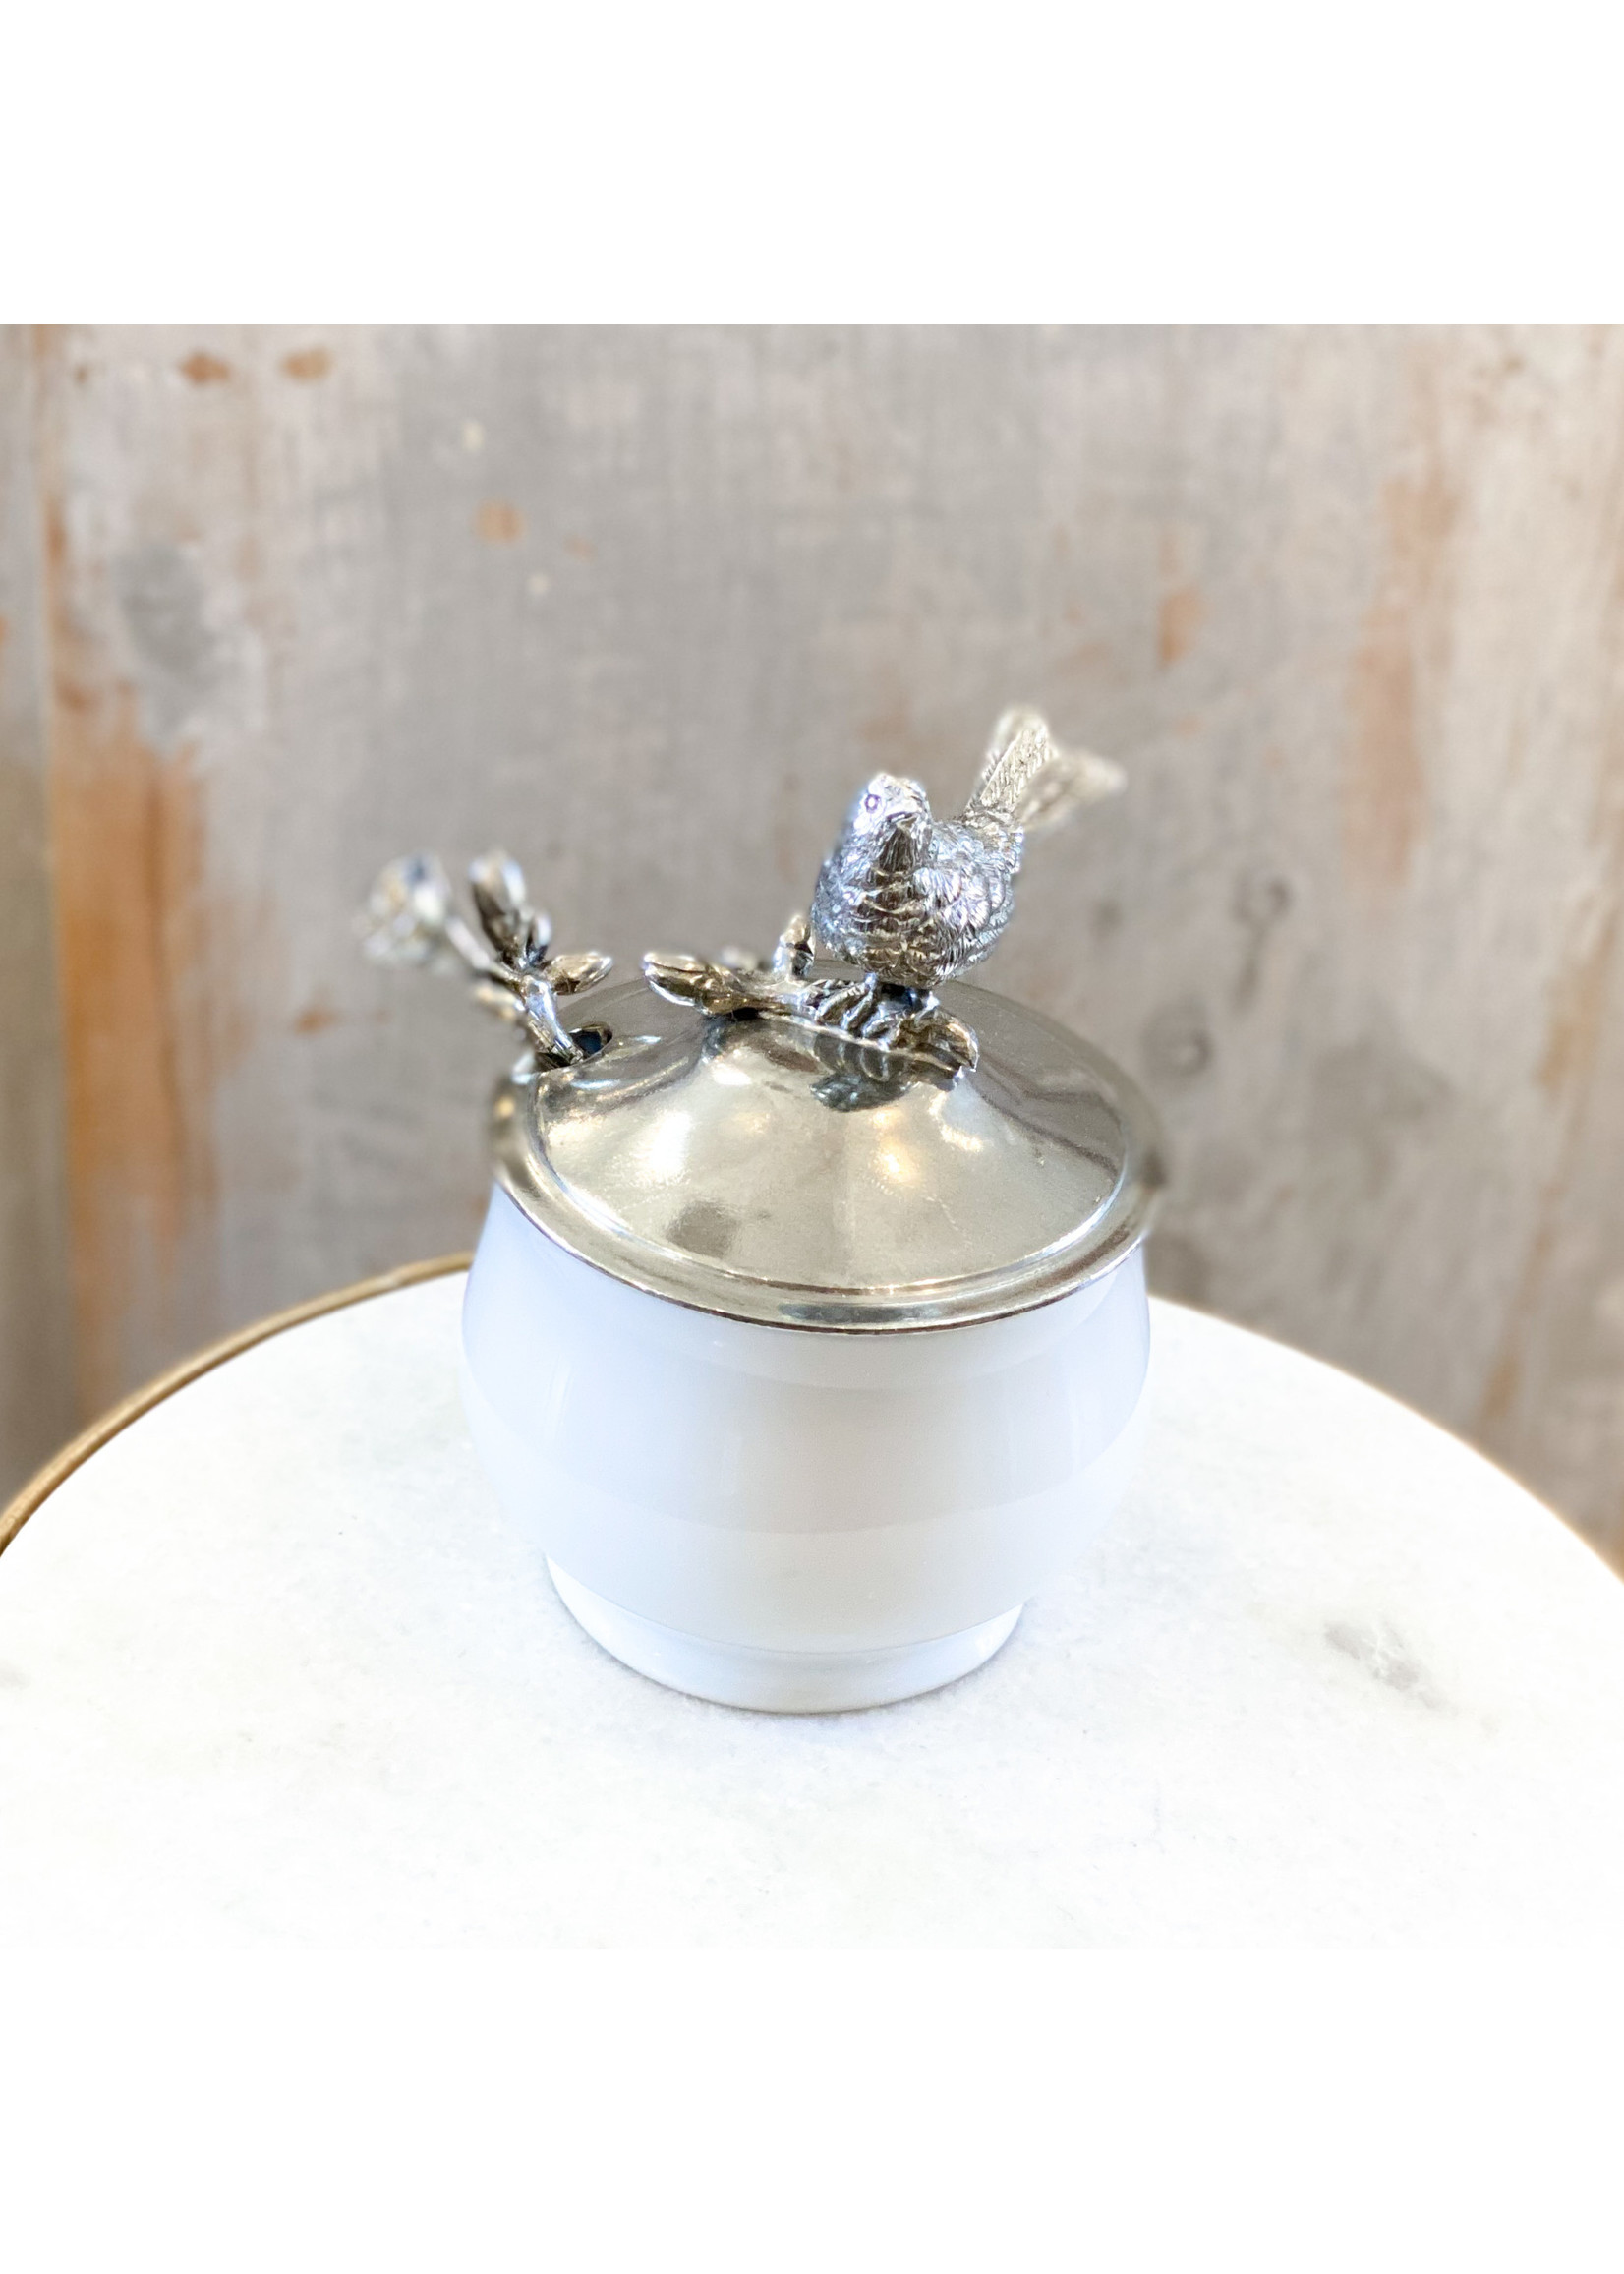 Sugar Bowl & Spoon - Song Bird